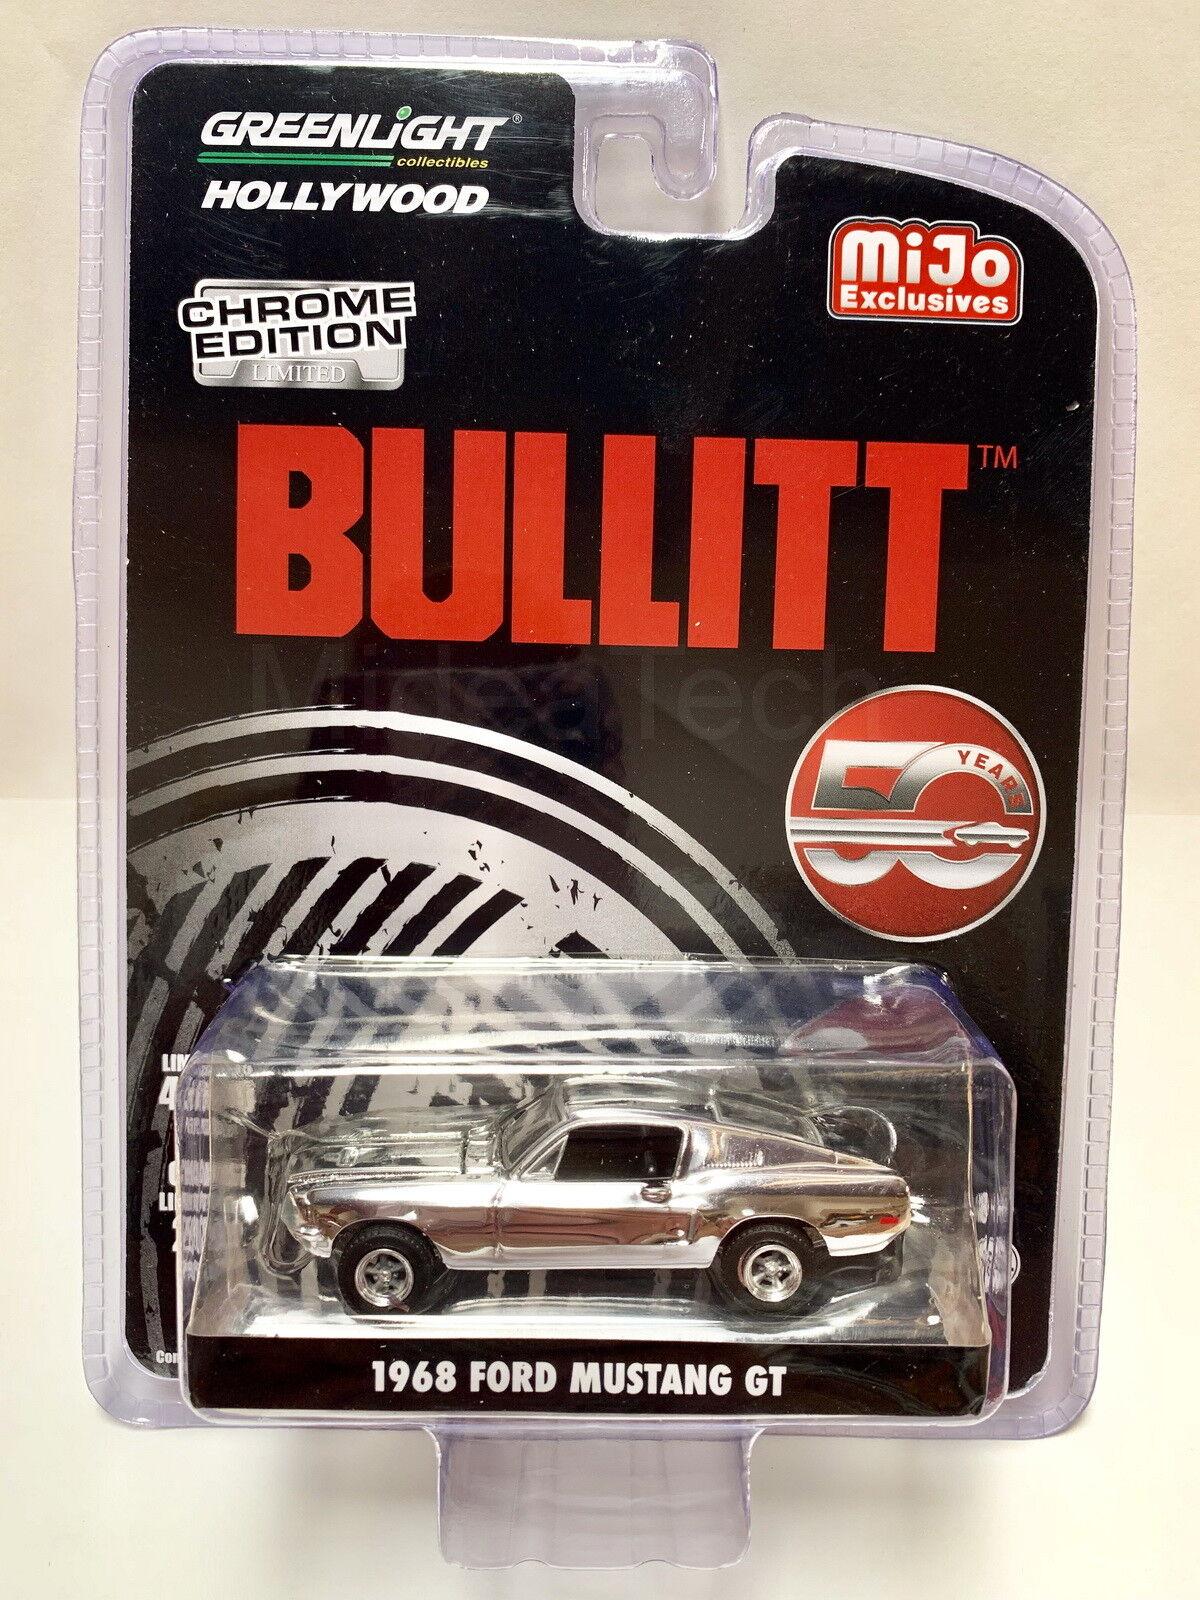 verdelight  Bullitt  1968 Ford Mustang GT 1 64 Diecast Coche Chrome Chase 51226